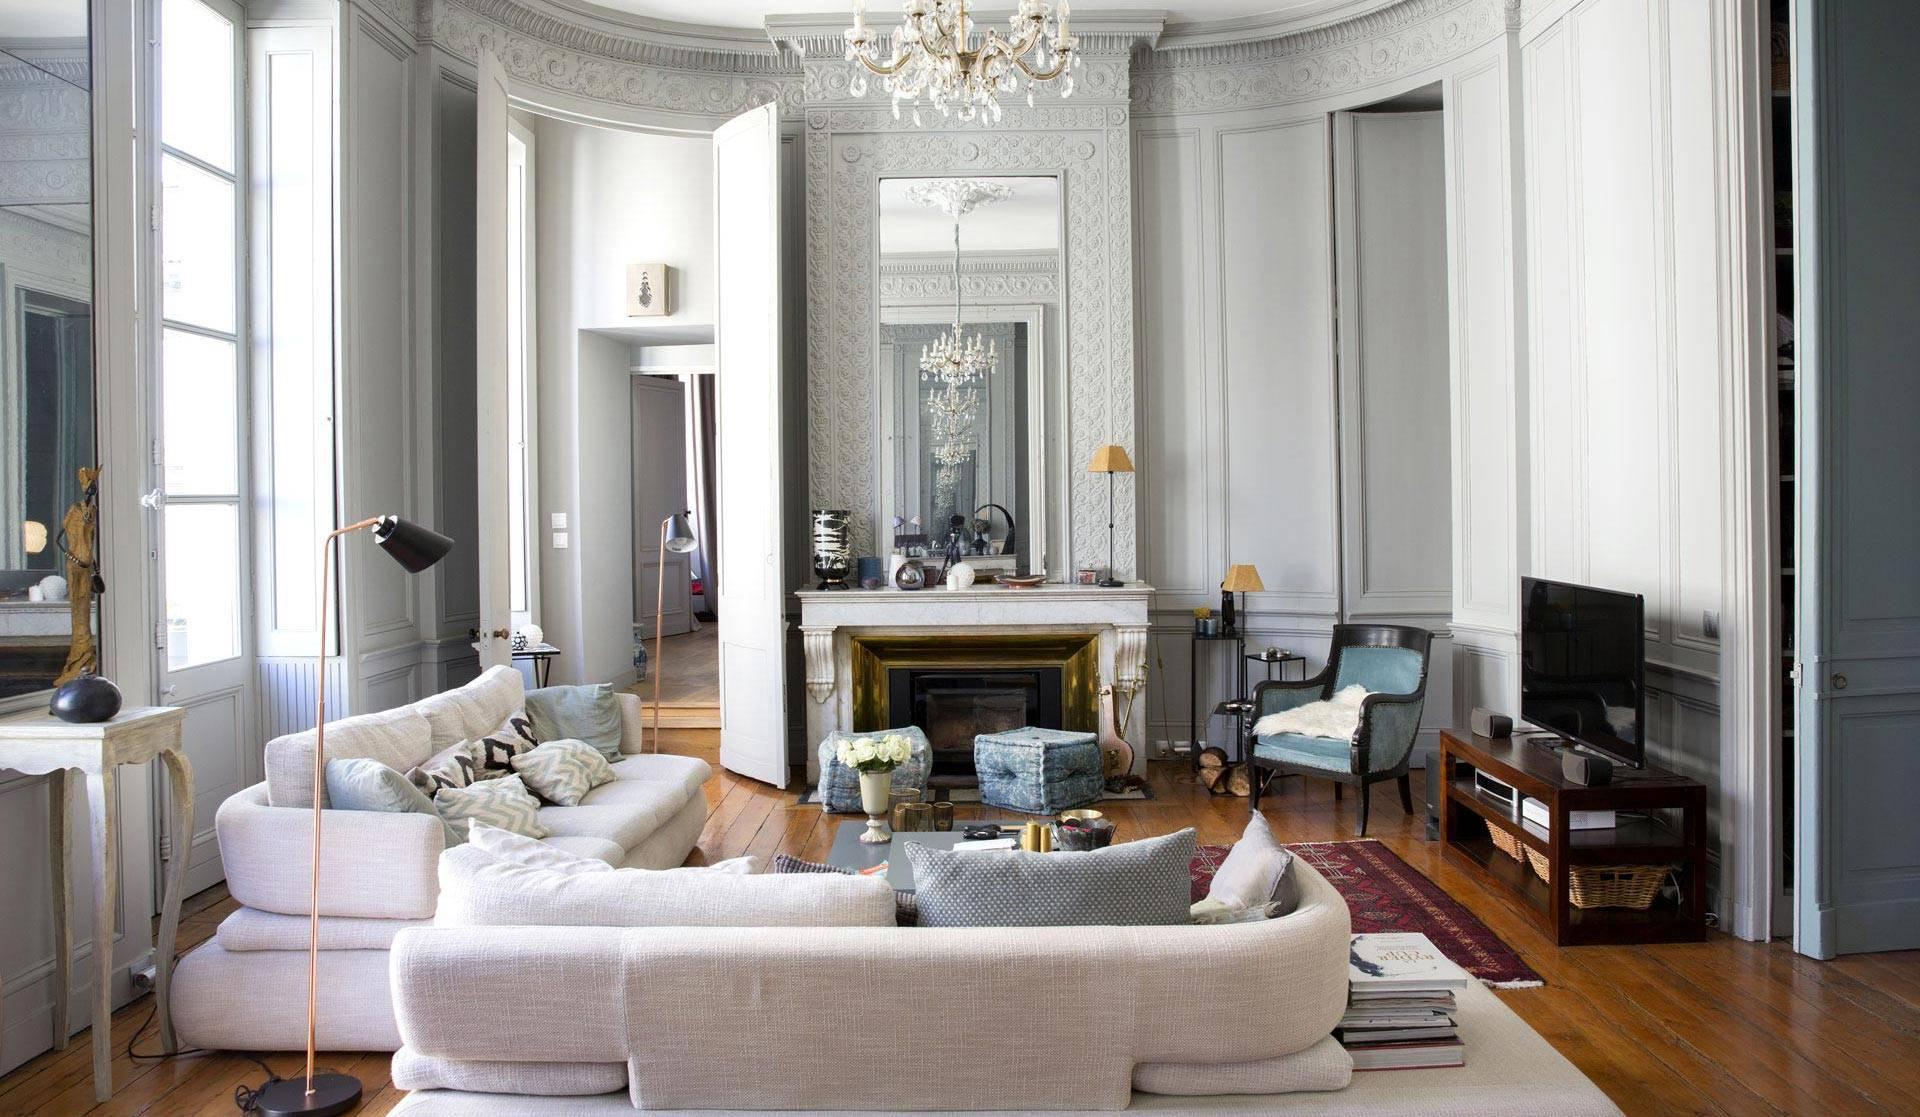 Achat et vente de maison avec l'agence immobilière Alpierre à Bordeaux et St Seurin